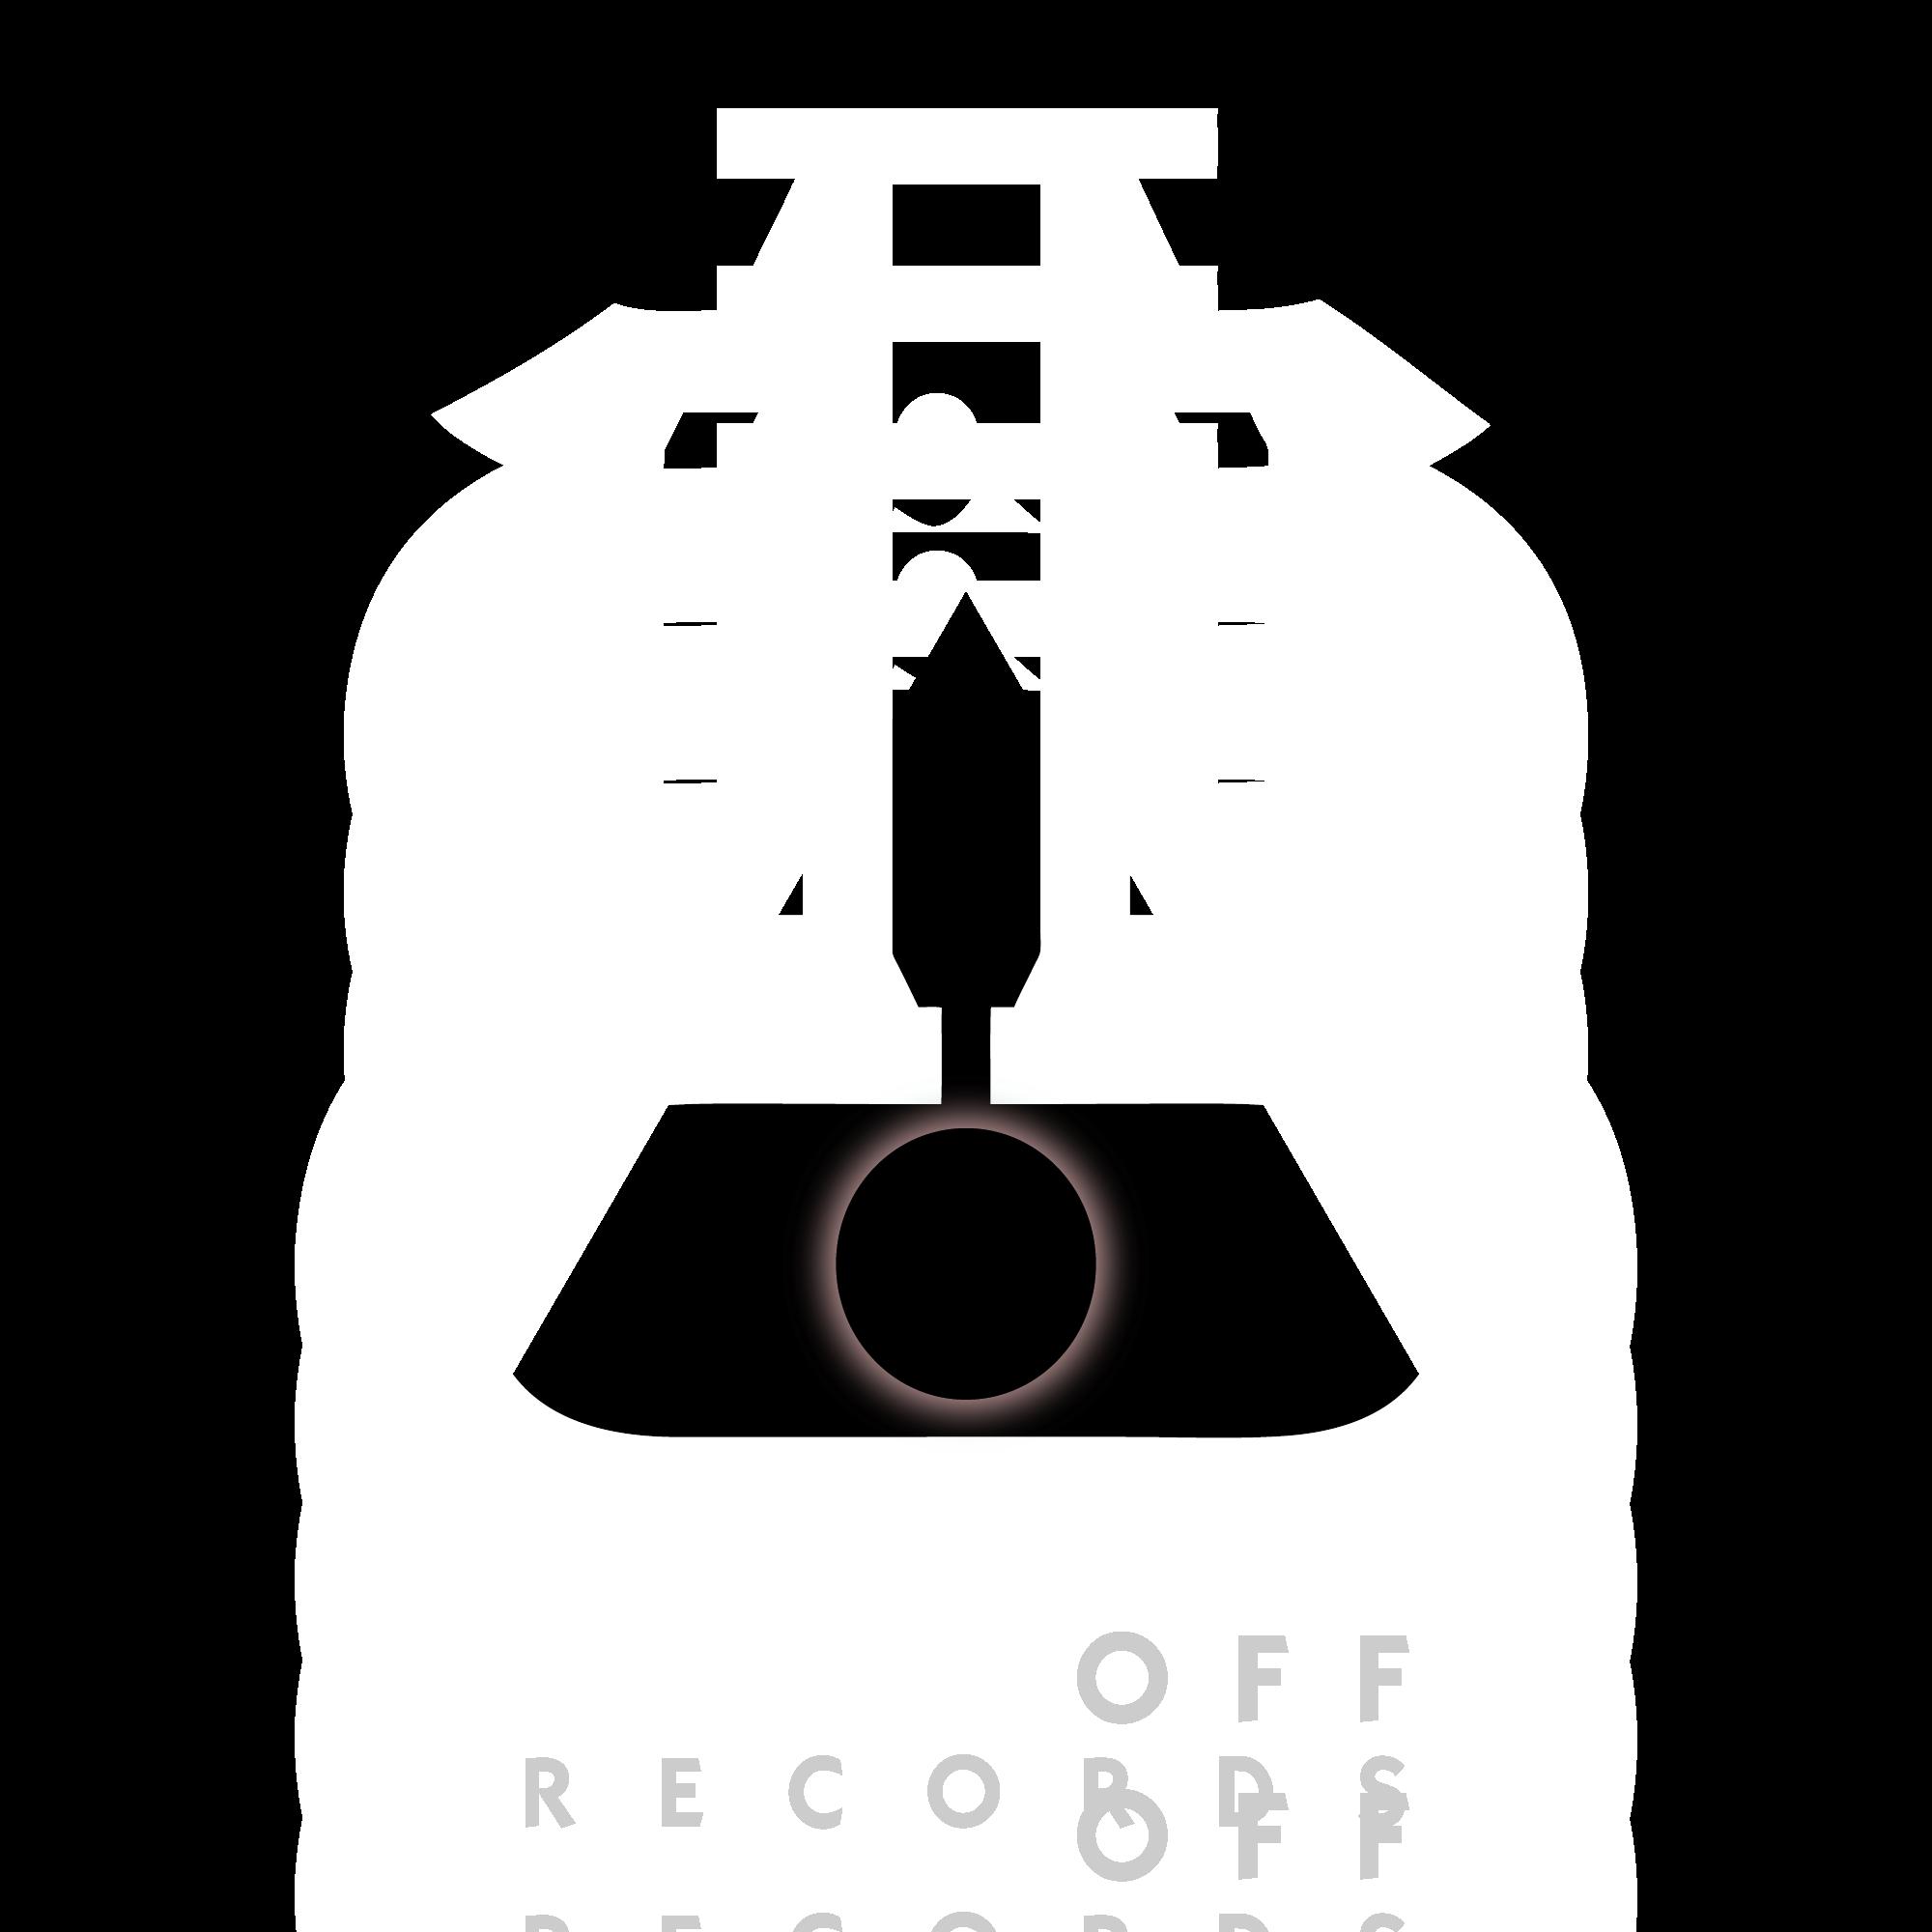 Logo-Bass-Off-2017-BIANCO-NERO-GRIGIO-CON-SCRITTE-SOTTO-BIANCO